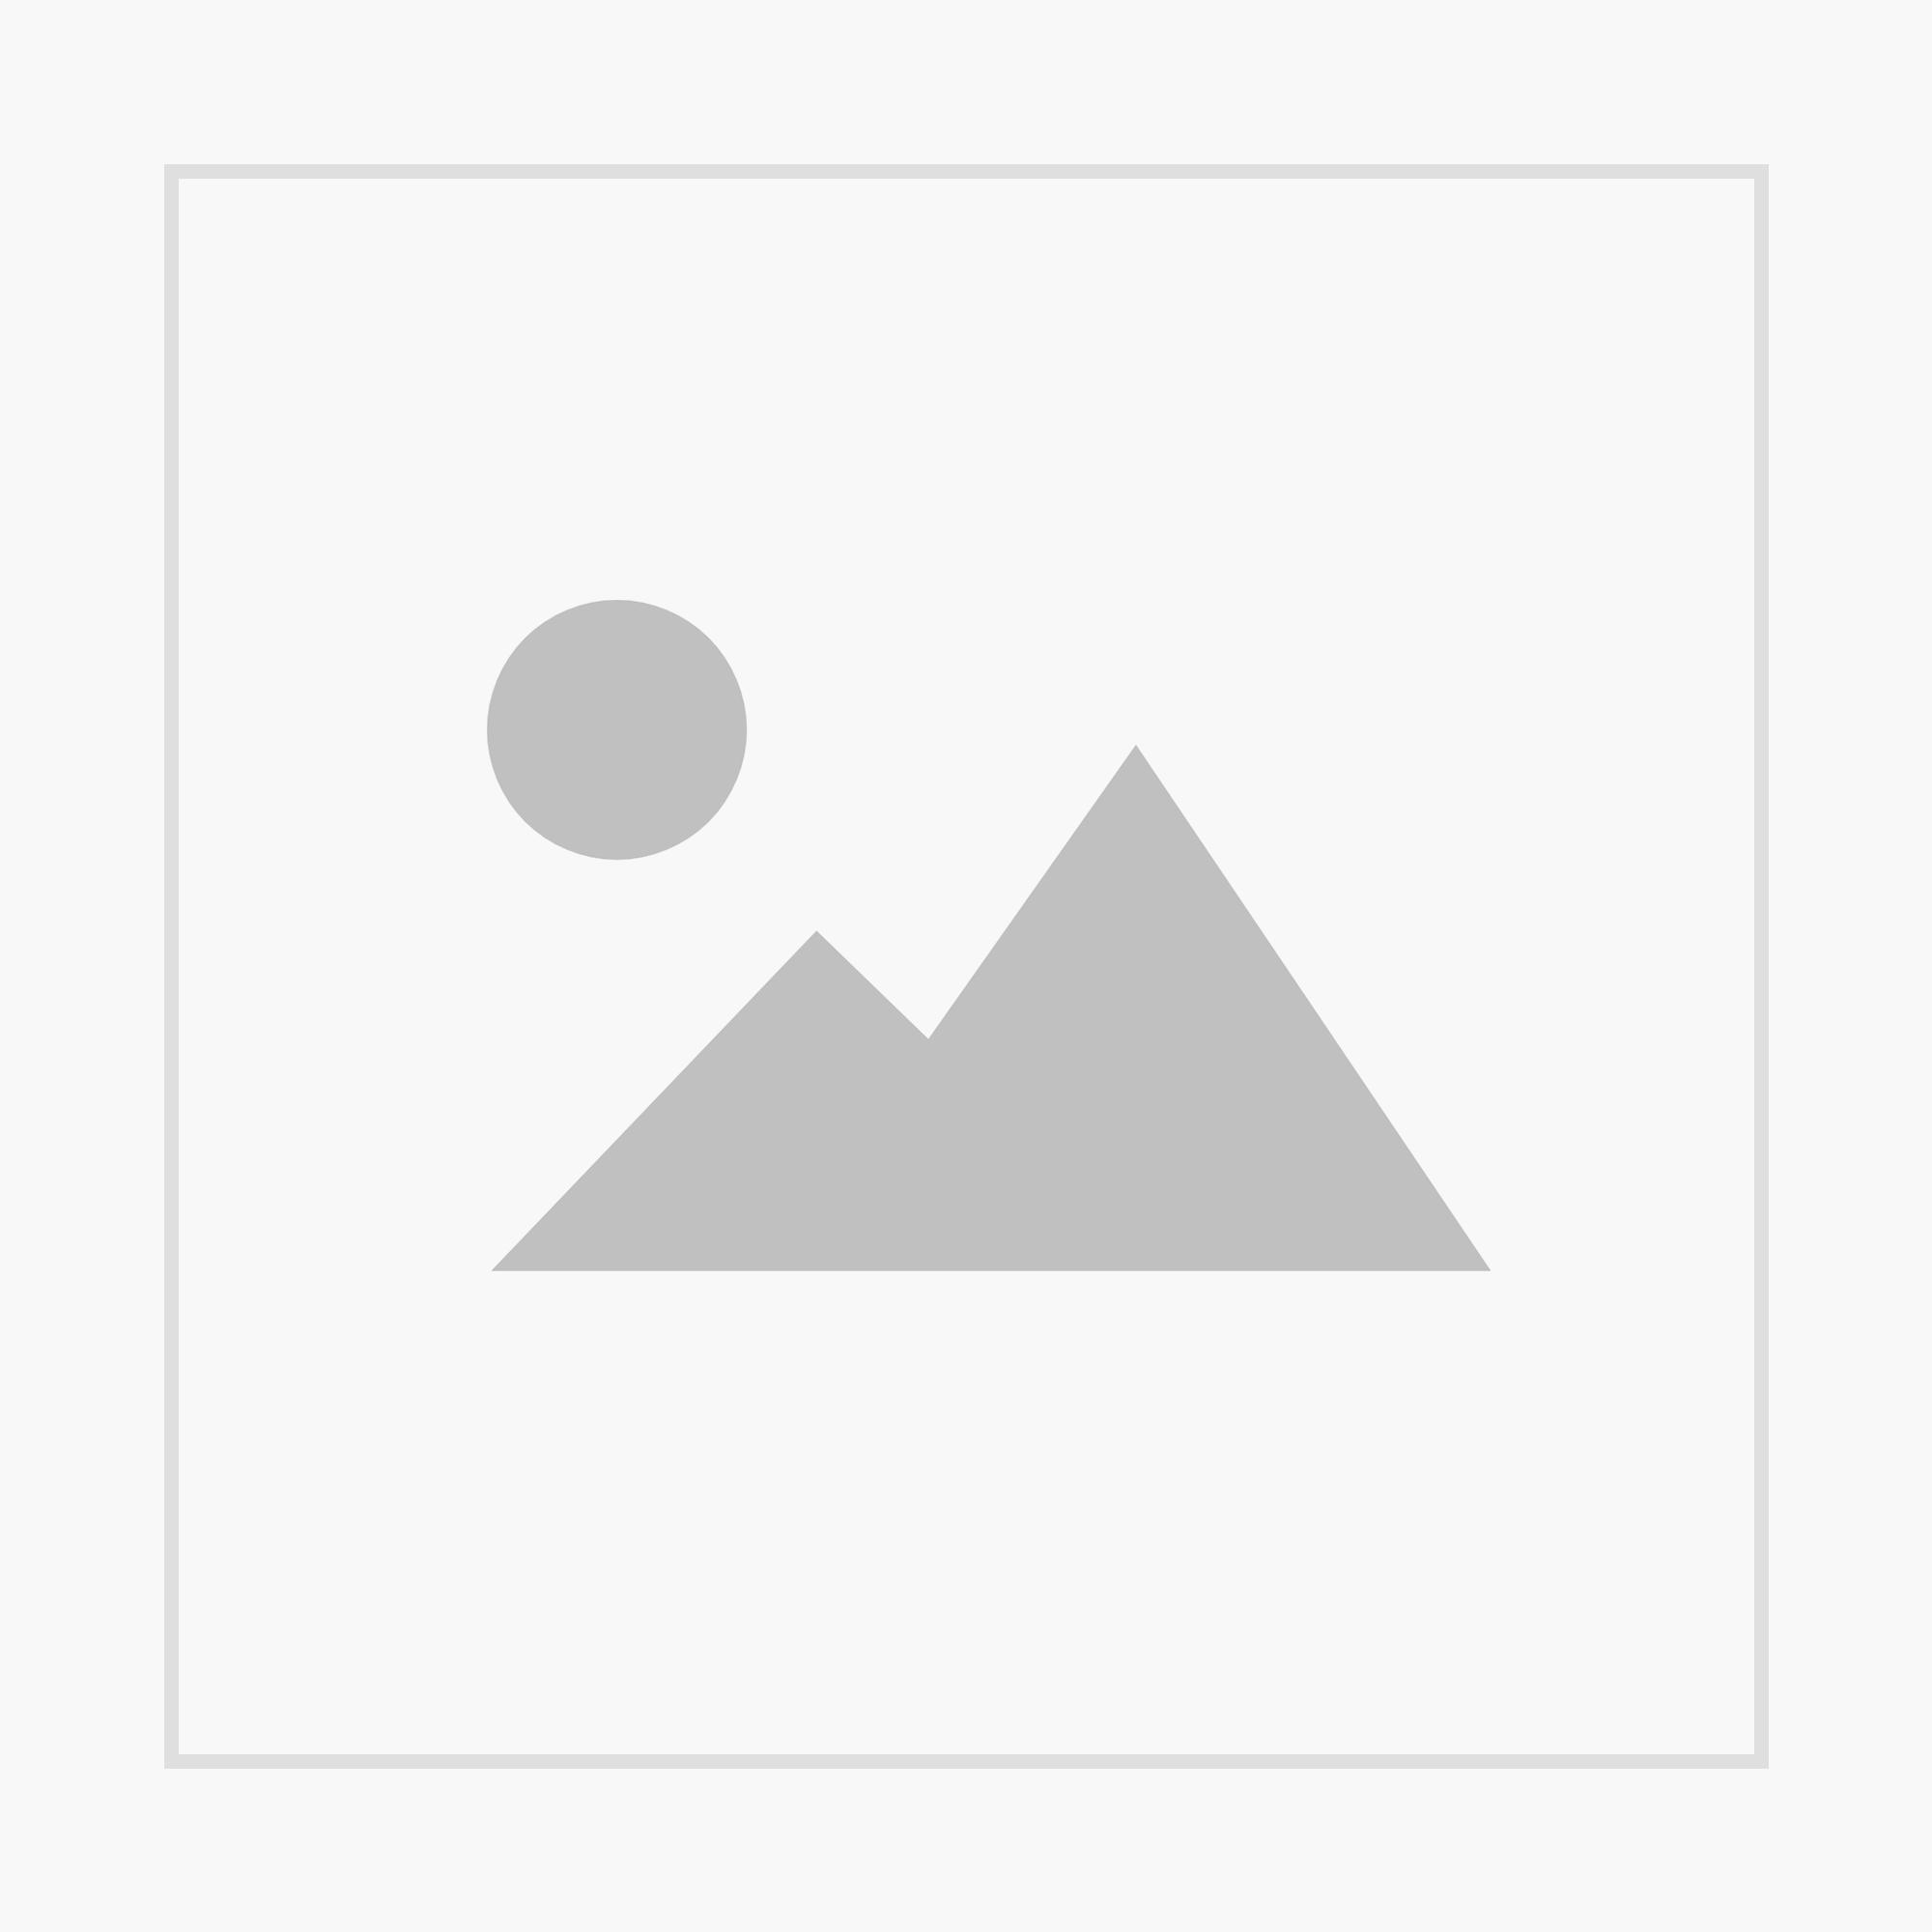 Pferdebeurteilung Horse Evaluation